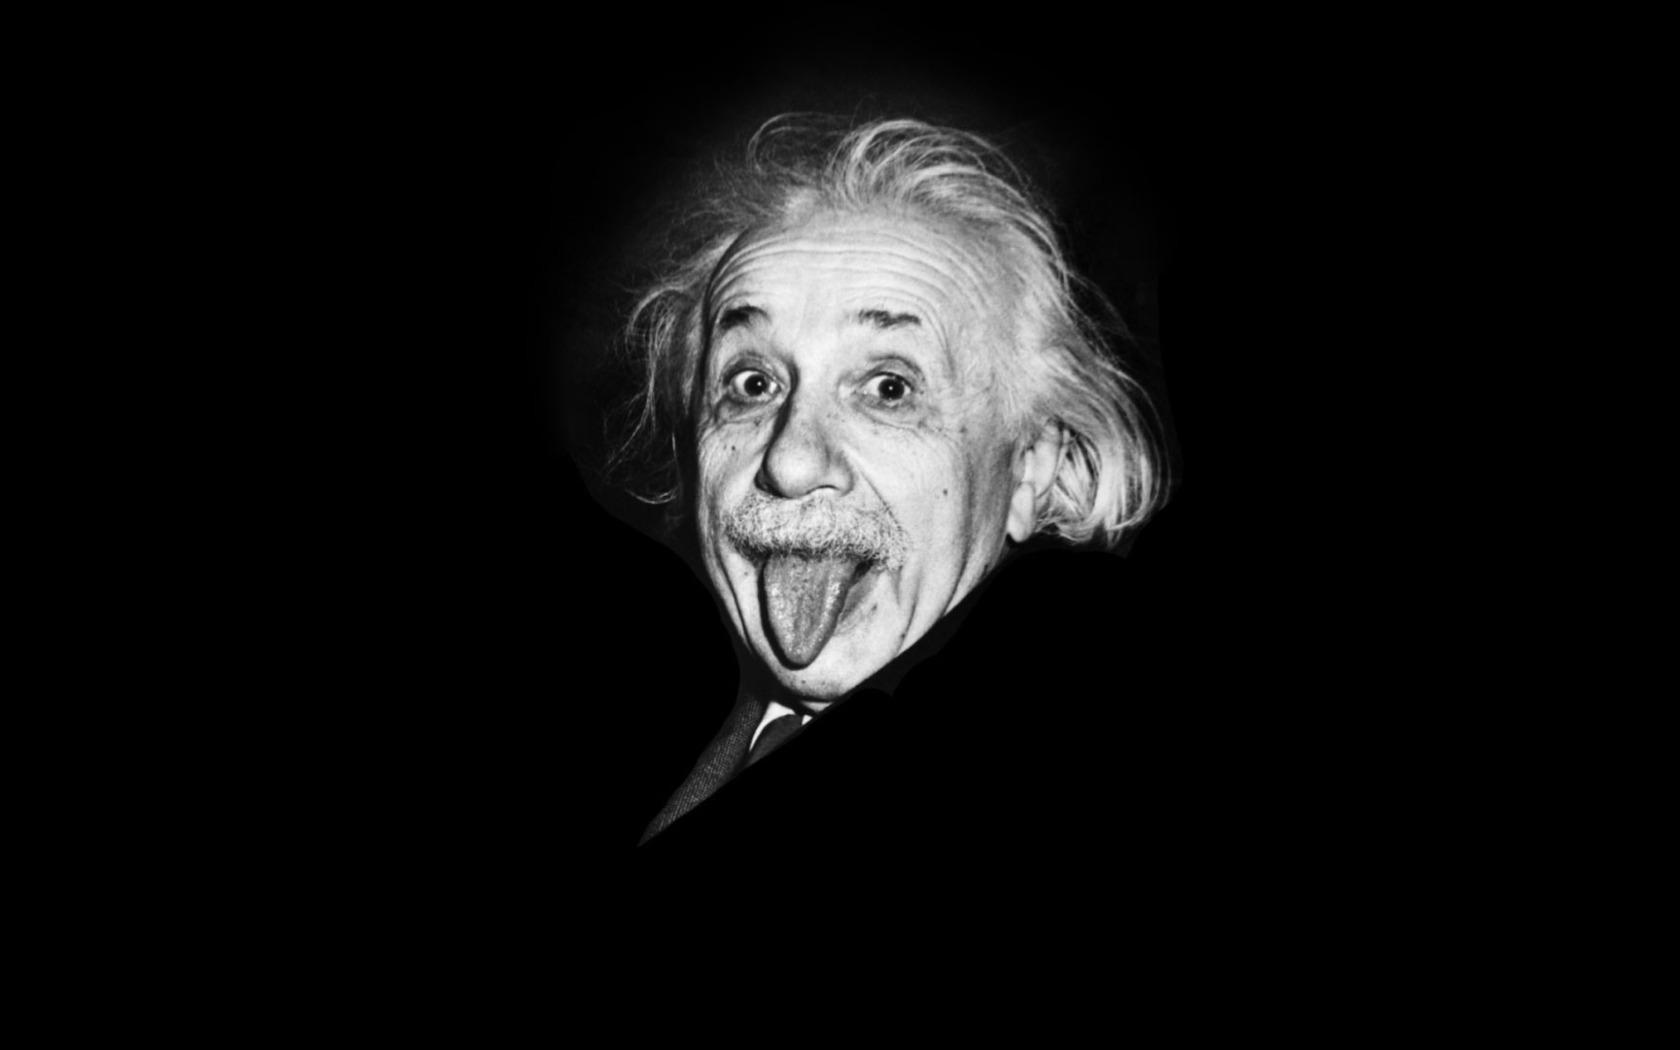 アインシュタインがモチベーションを維持するために考えていた1つのこと